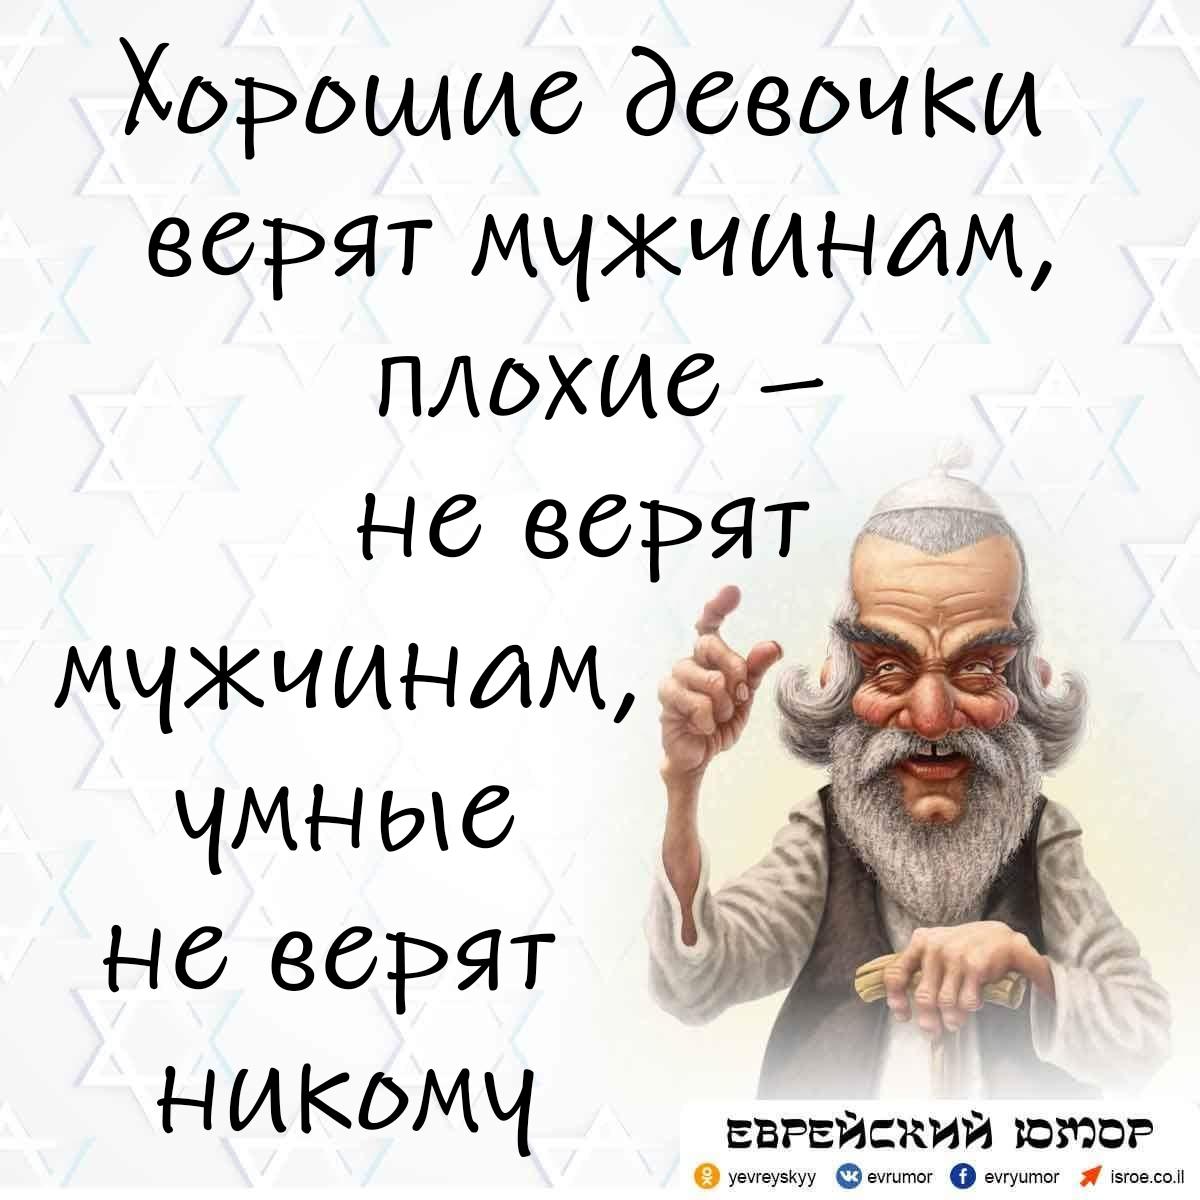 Еврейский юмор. Одесский анекдот. Хорошие девочки